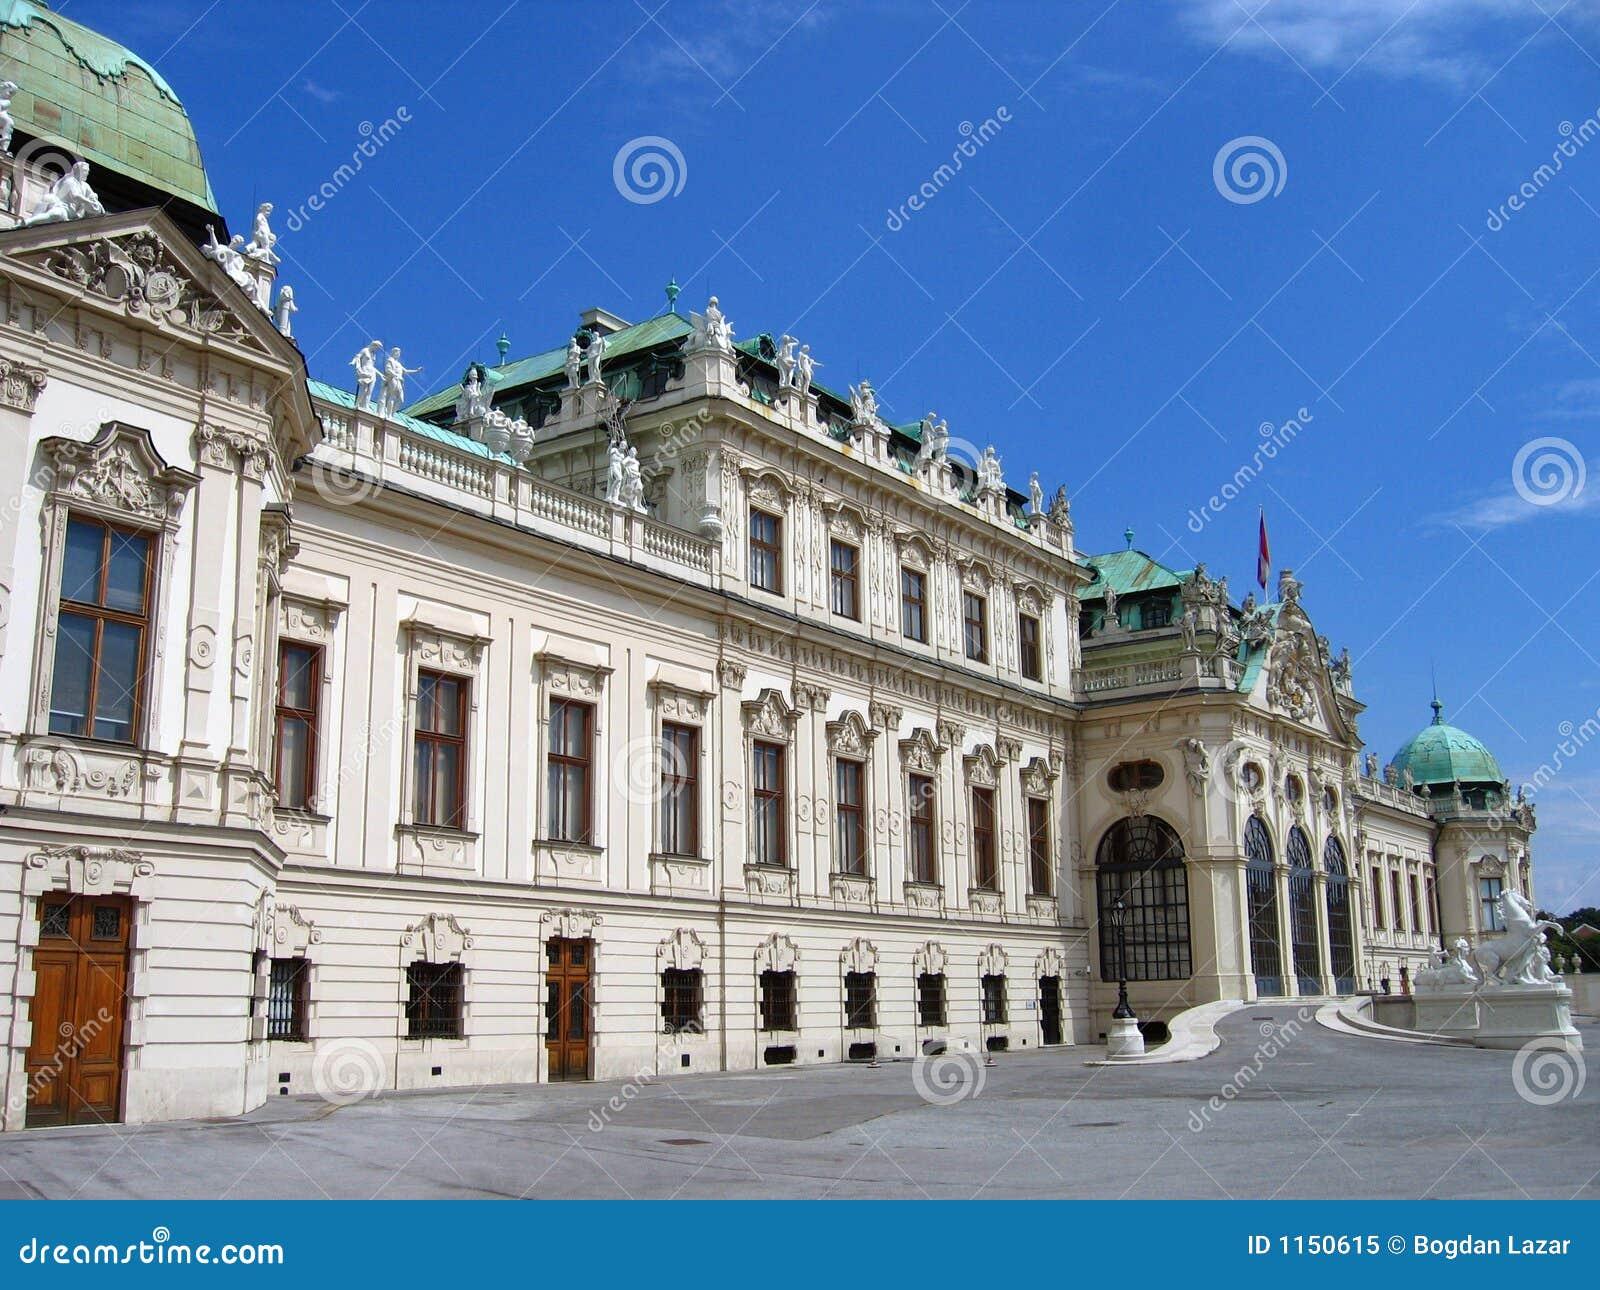 Palazzo superiore di belvedere - Vienna, Austria